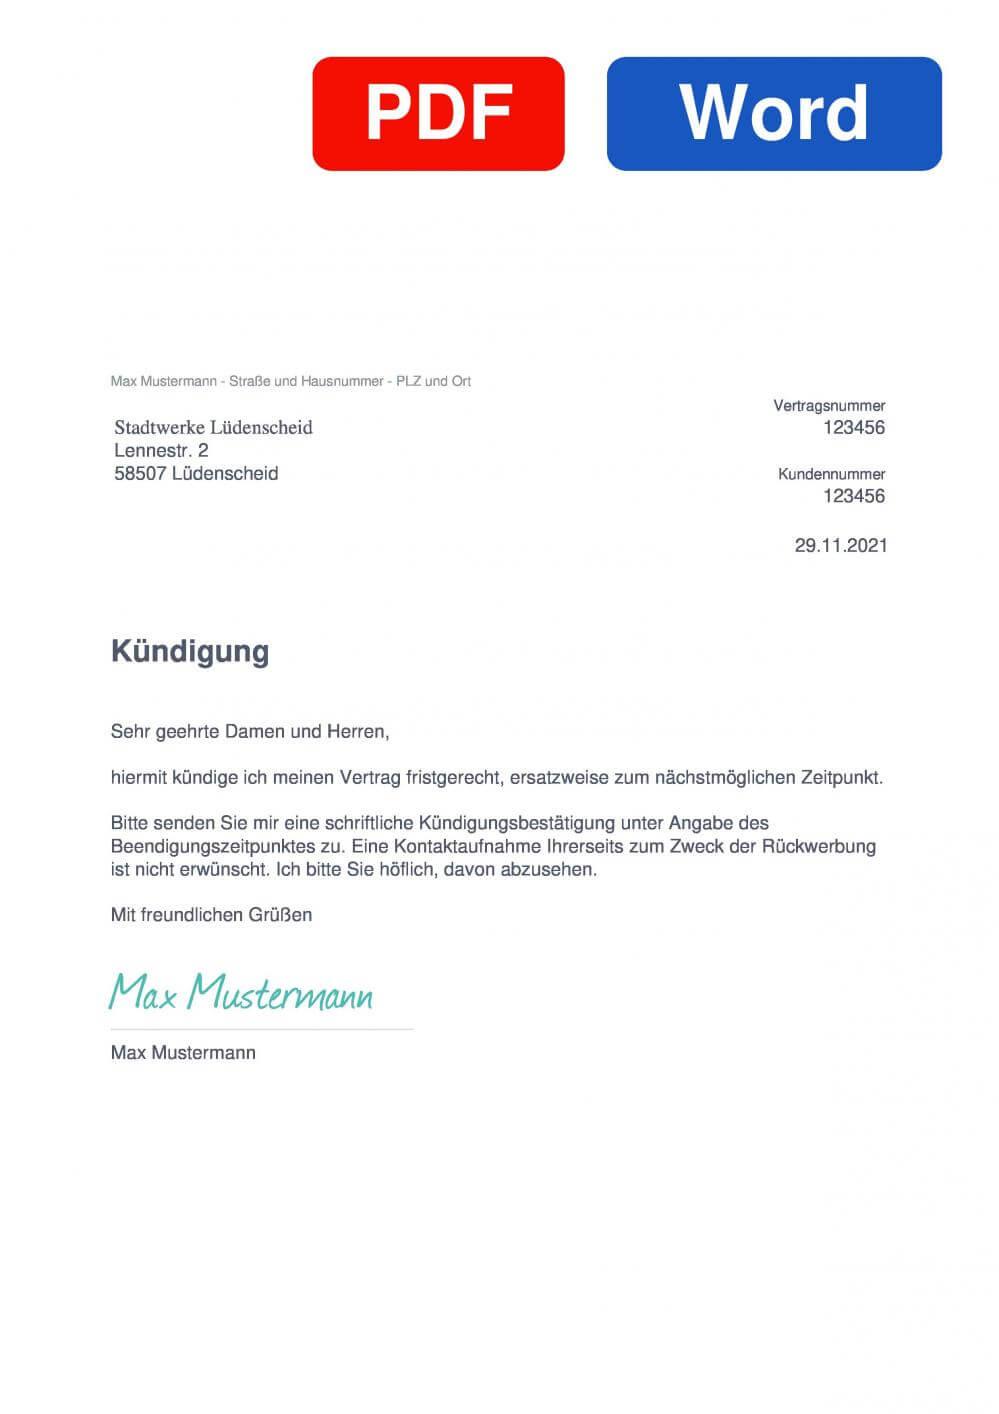 Stadtwerke Lüdenscheid Muster Vorlage für Kündigungsschreiben